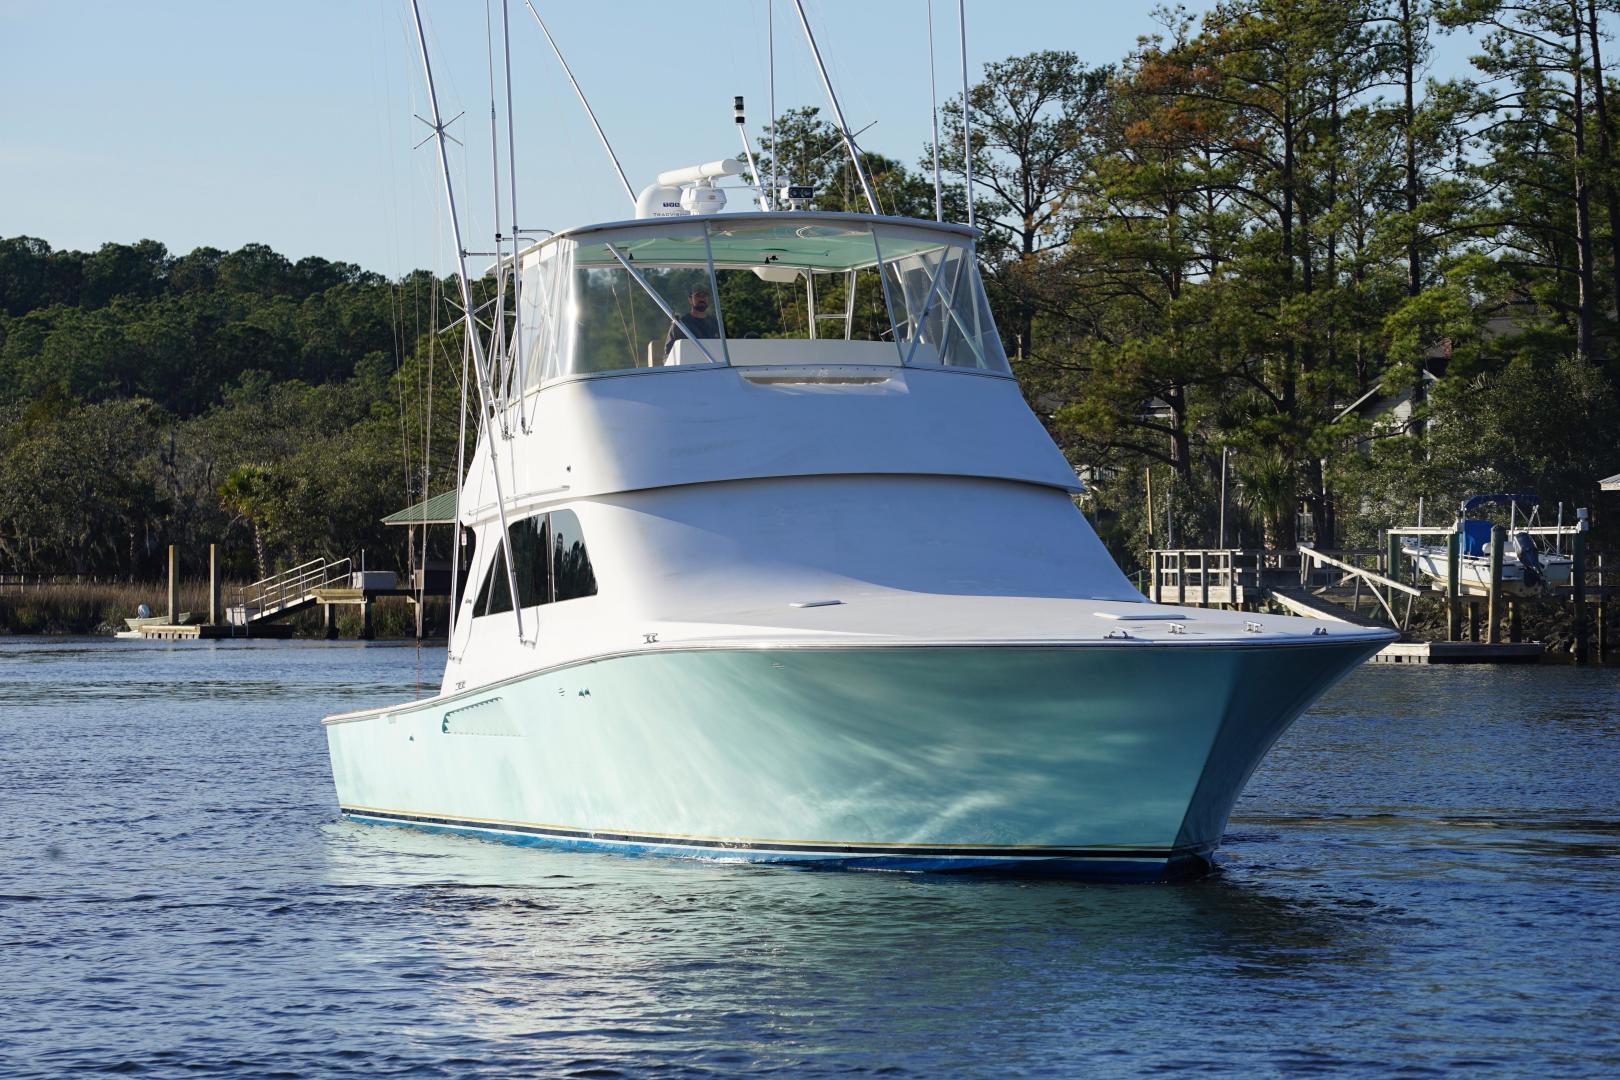 Viking-Convertible 2002-Gee Chee Girl Edisto-South Carolina-United States-1375507 | Thumbnail